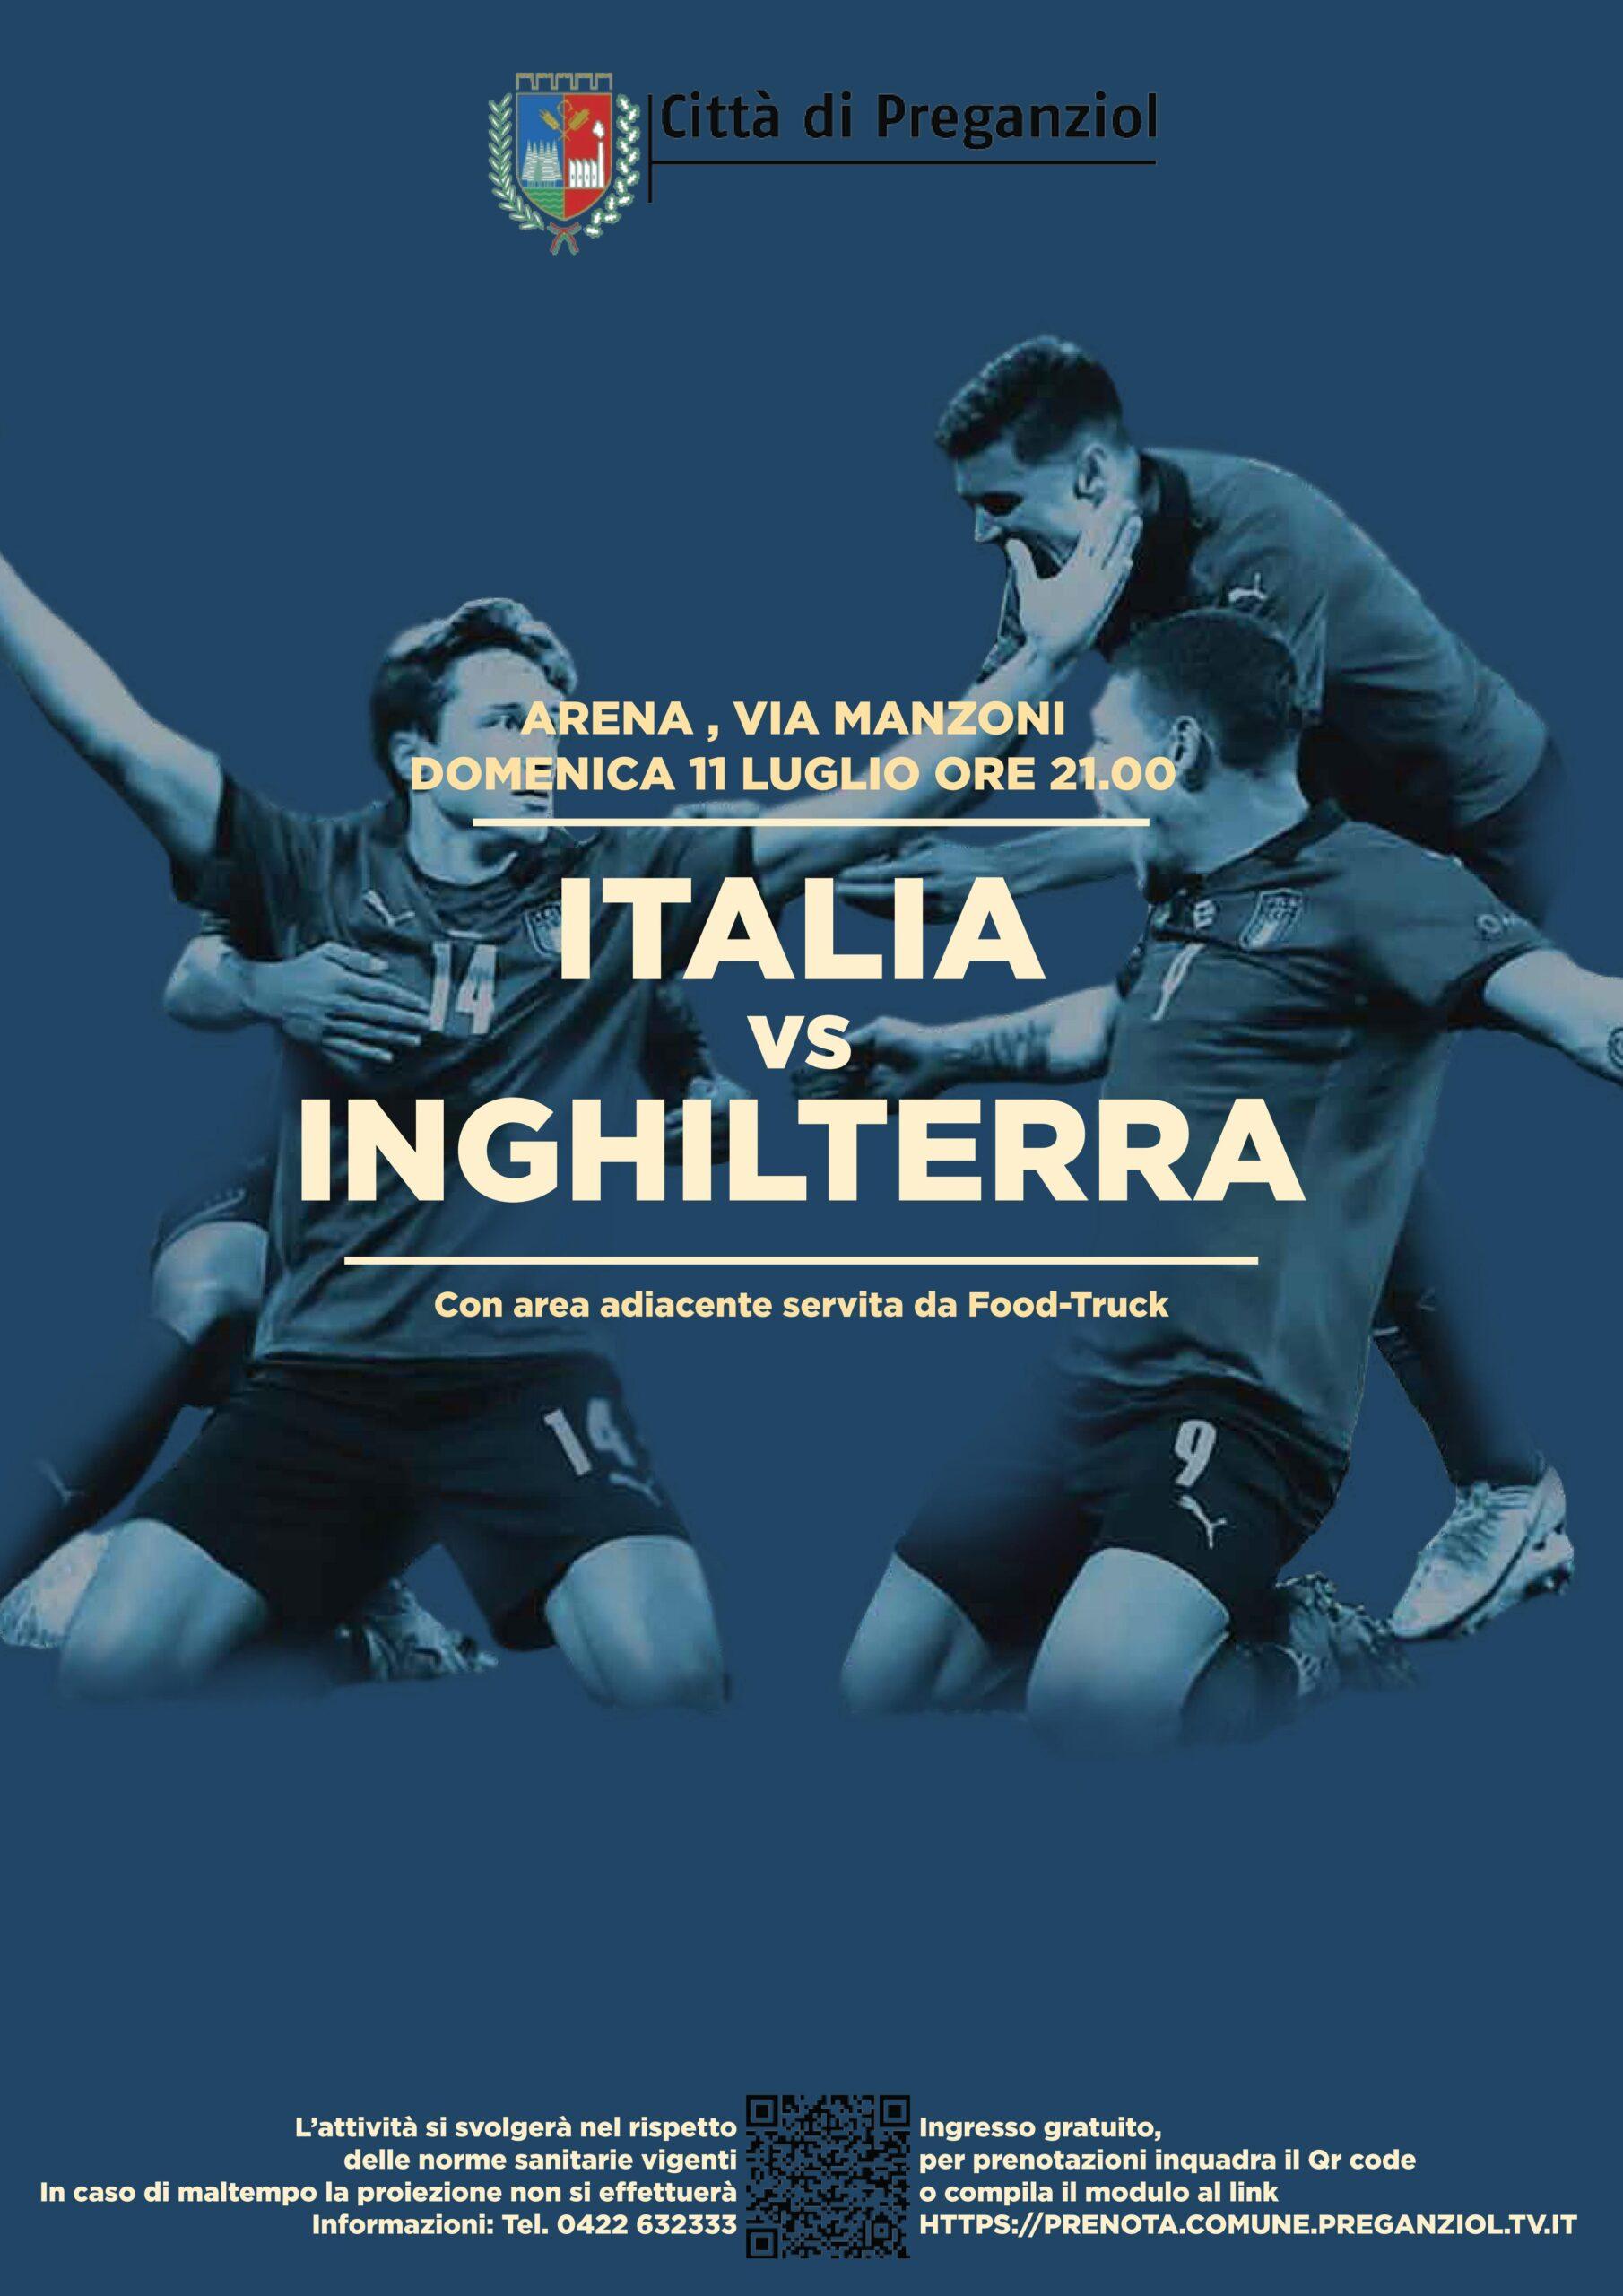 EURO 2020 – EUROPEI DI CALCIO ….IN ARENA – Italia VS Inghilterra – REGOLAMENTAZIONE DEGLI ACCESSI